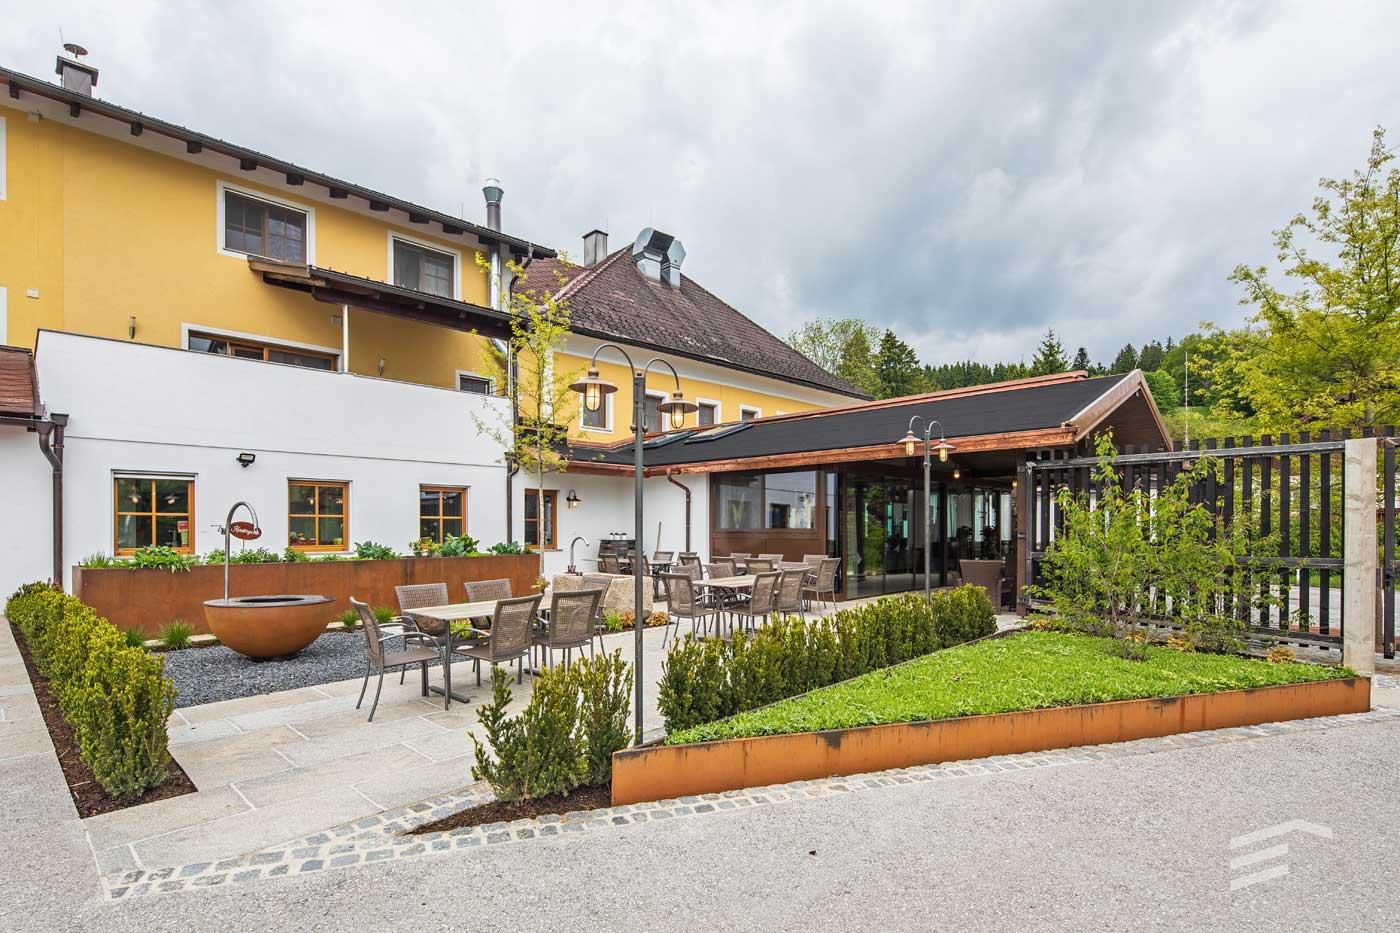 Gasthaus Muhr Gastgarten hinten